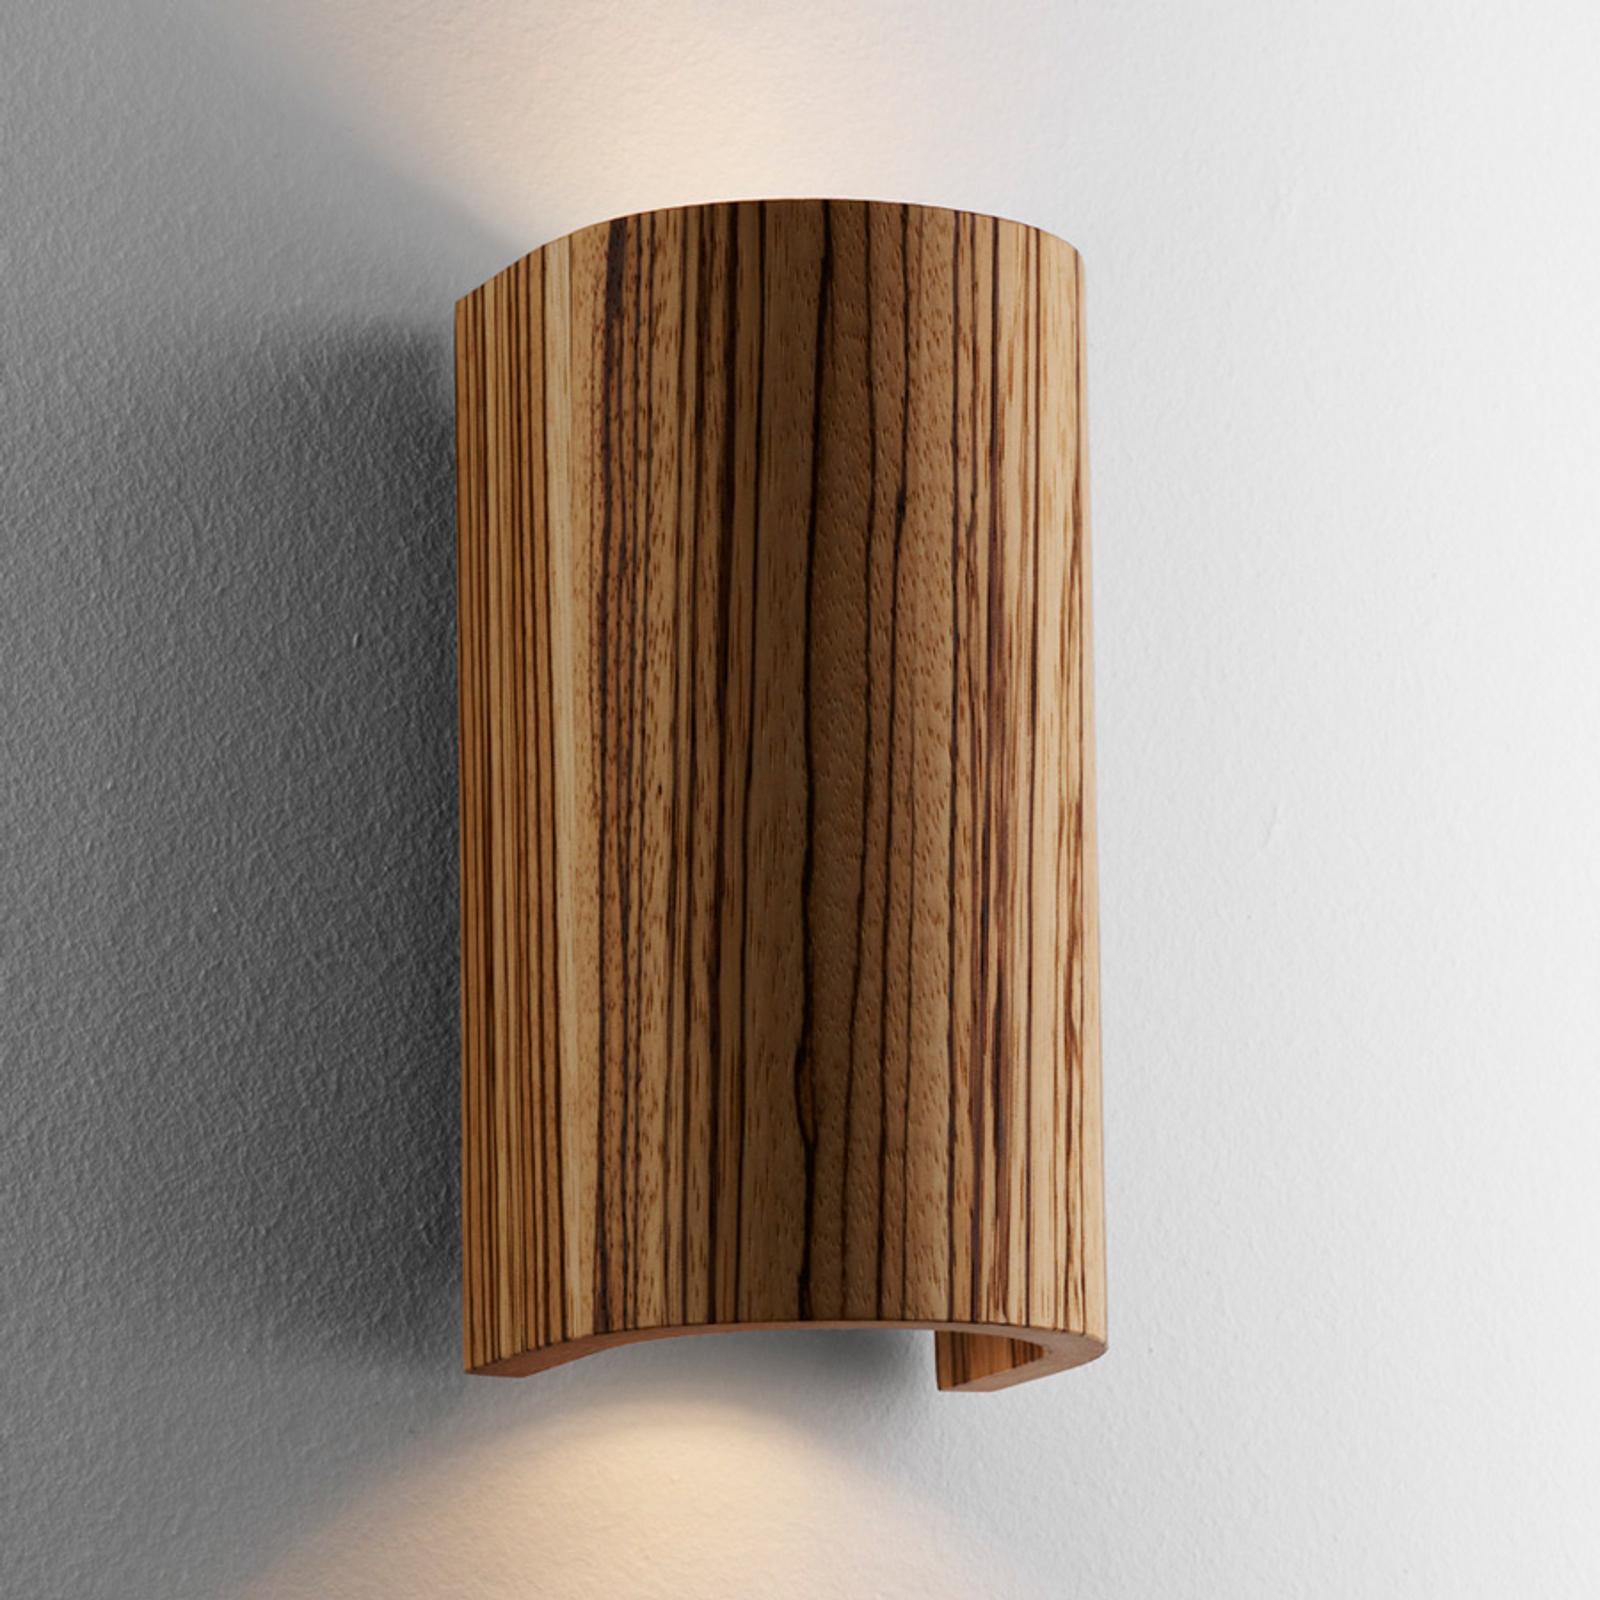 Piękna lampa ścienna Tube zebrano 17,5 cm